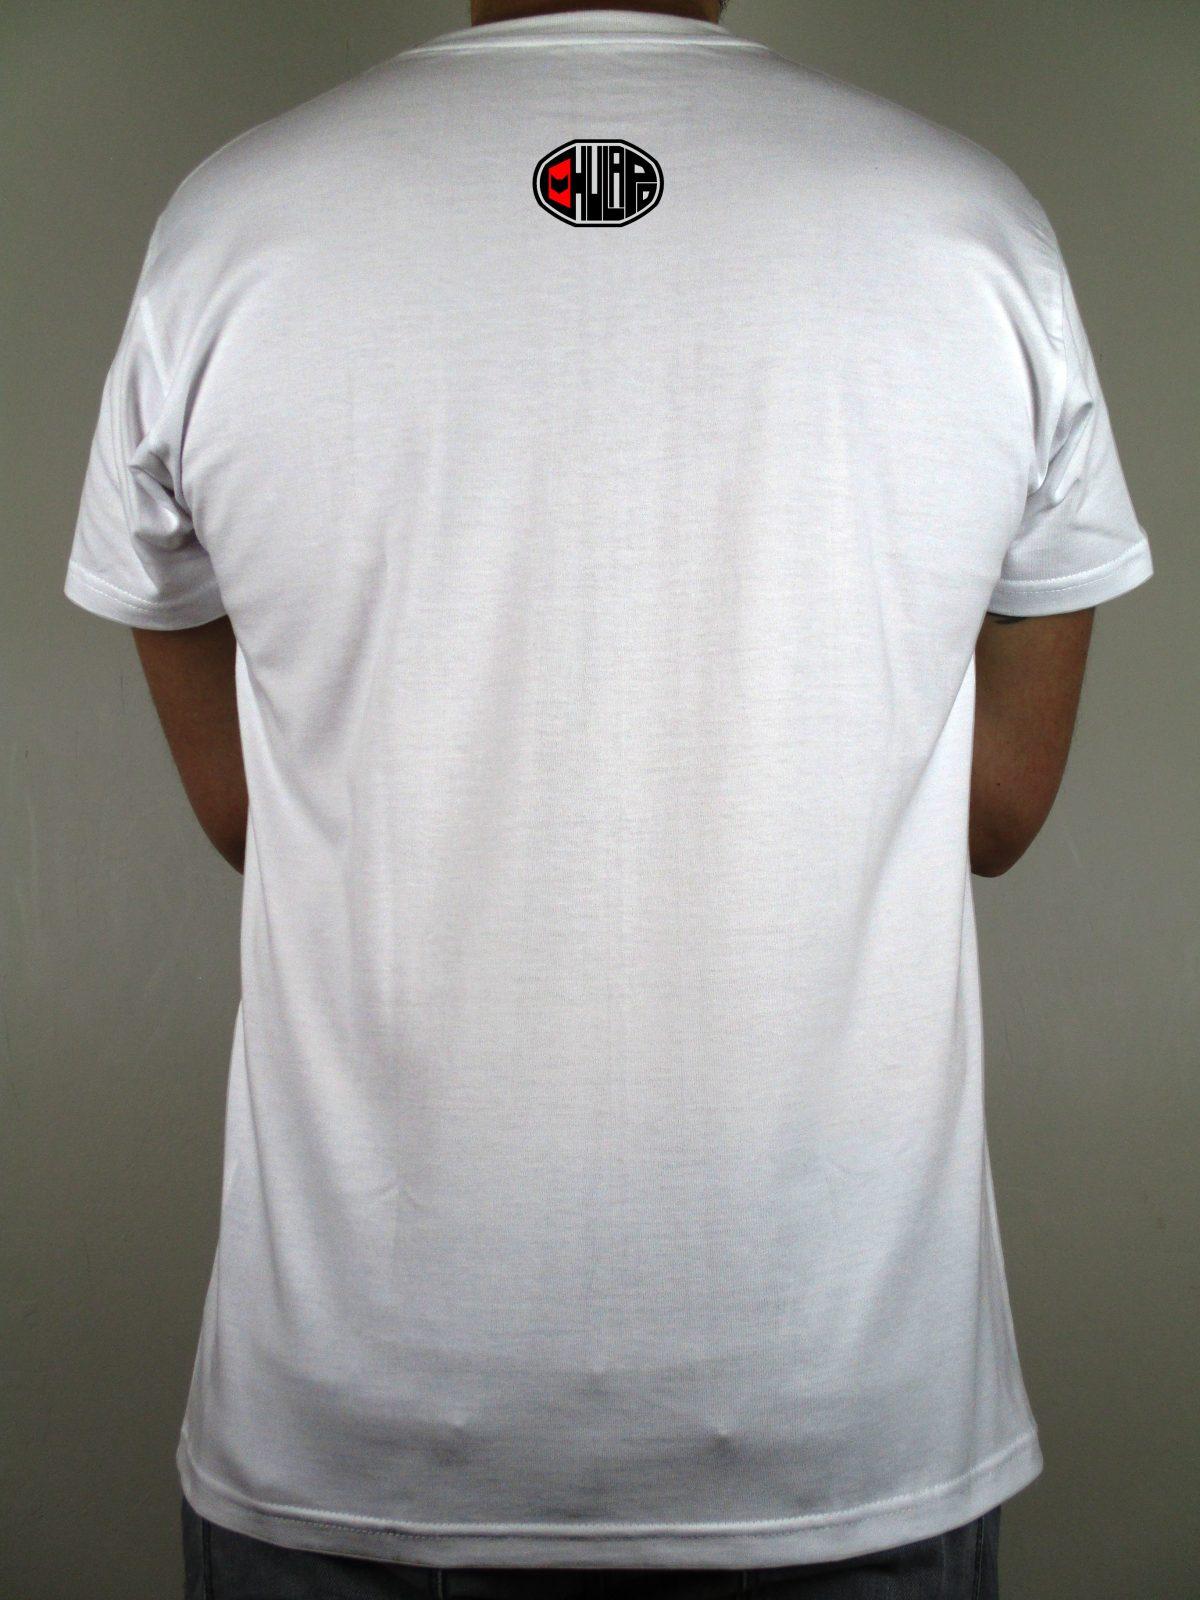 Logotipo de Chulapo en la espalda. Chulapo es una marca registrada que pretende representar ese sentimiento puro hacia la ciudad y la Comunidad que tan solo los elegidos pueden sentir. Orgullo madrileño. Chulapo es puro sentimiento.